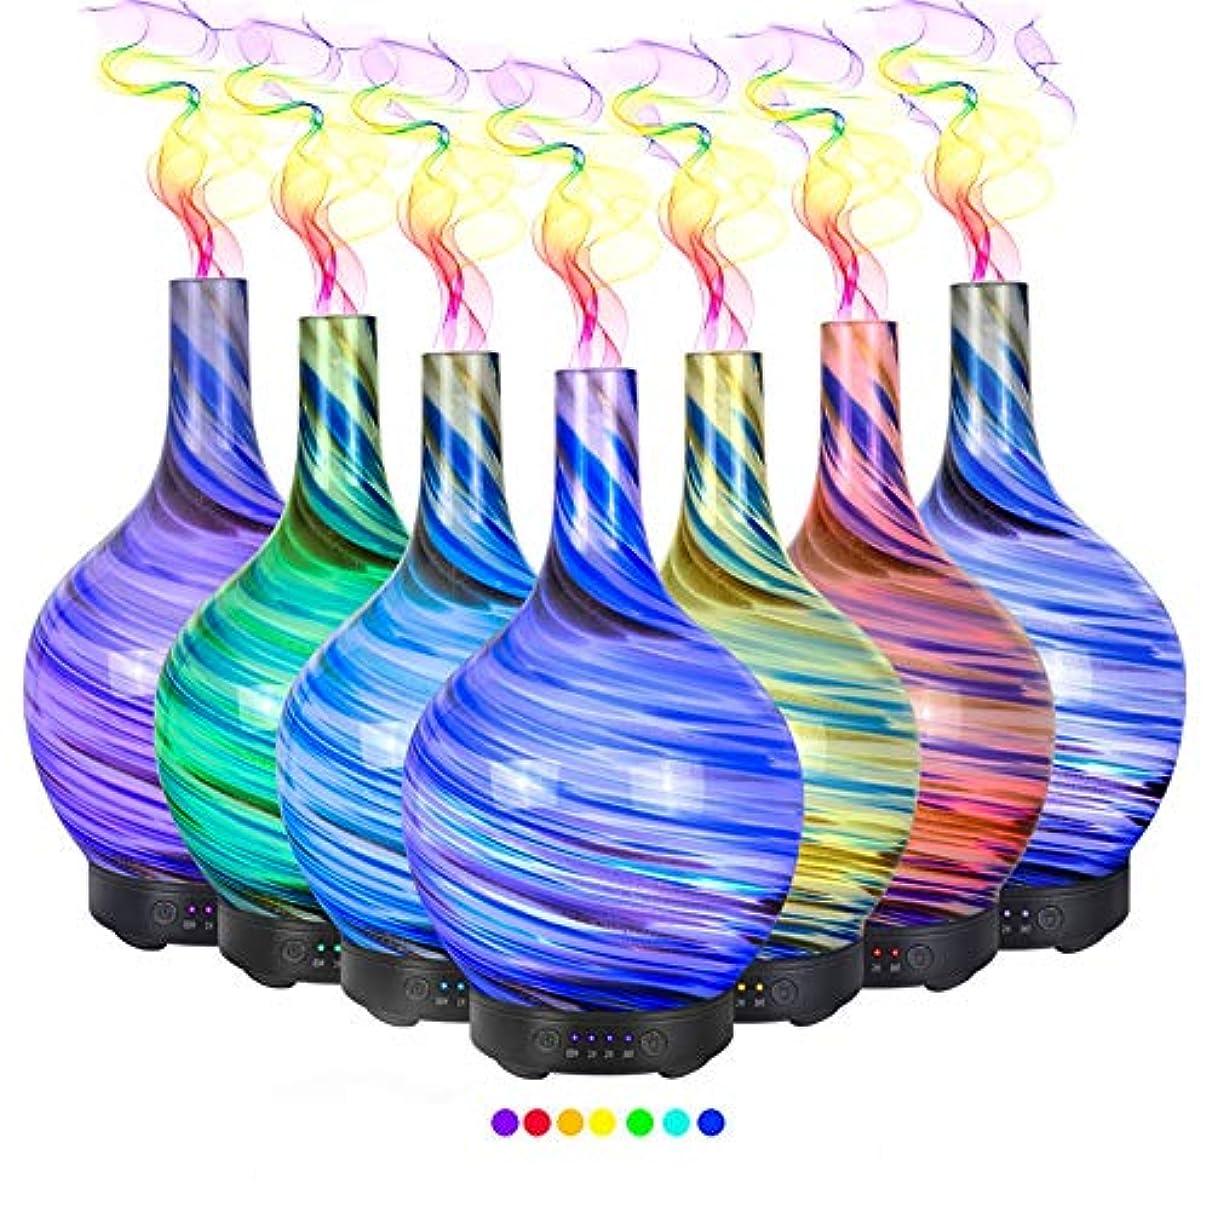 旅やろうオーチャードエッセンシャルオイル用ディフューザー (100ml)-3d アートガラストルネードアロマ加湿器7色の変更 LED ライト & 4 タイマー設定、水なしの自動シャットオフ